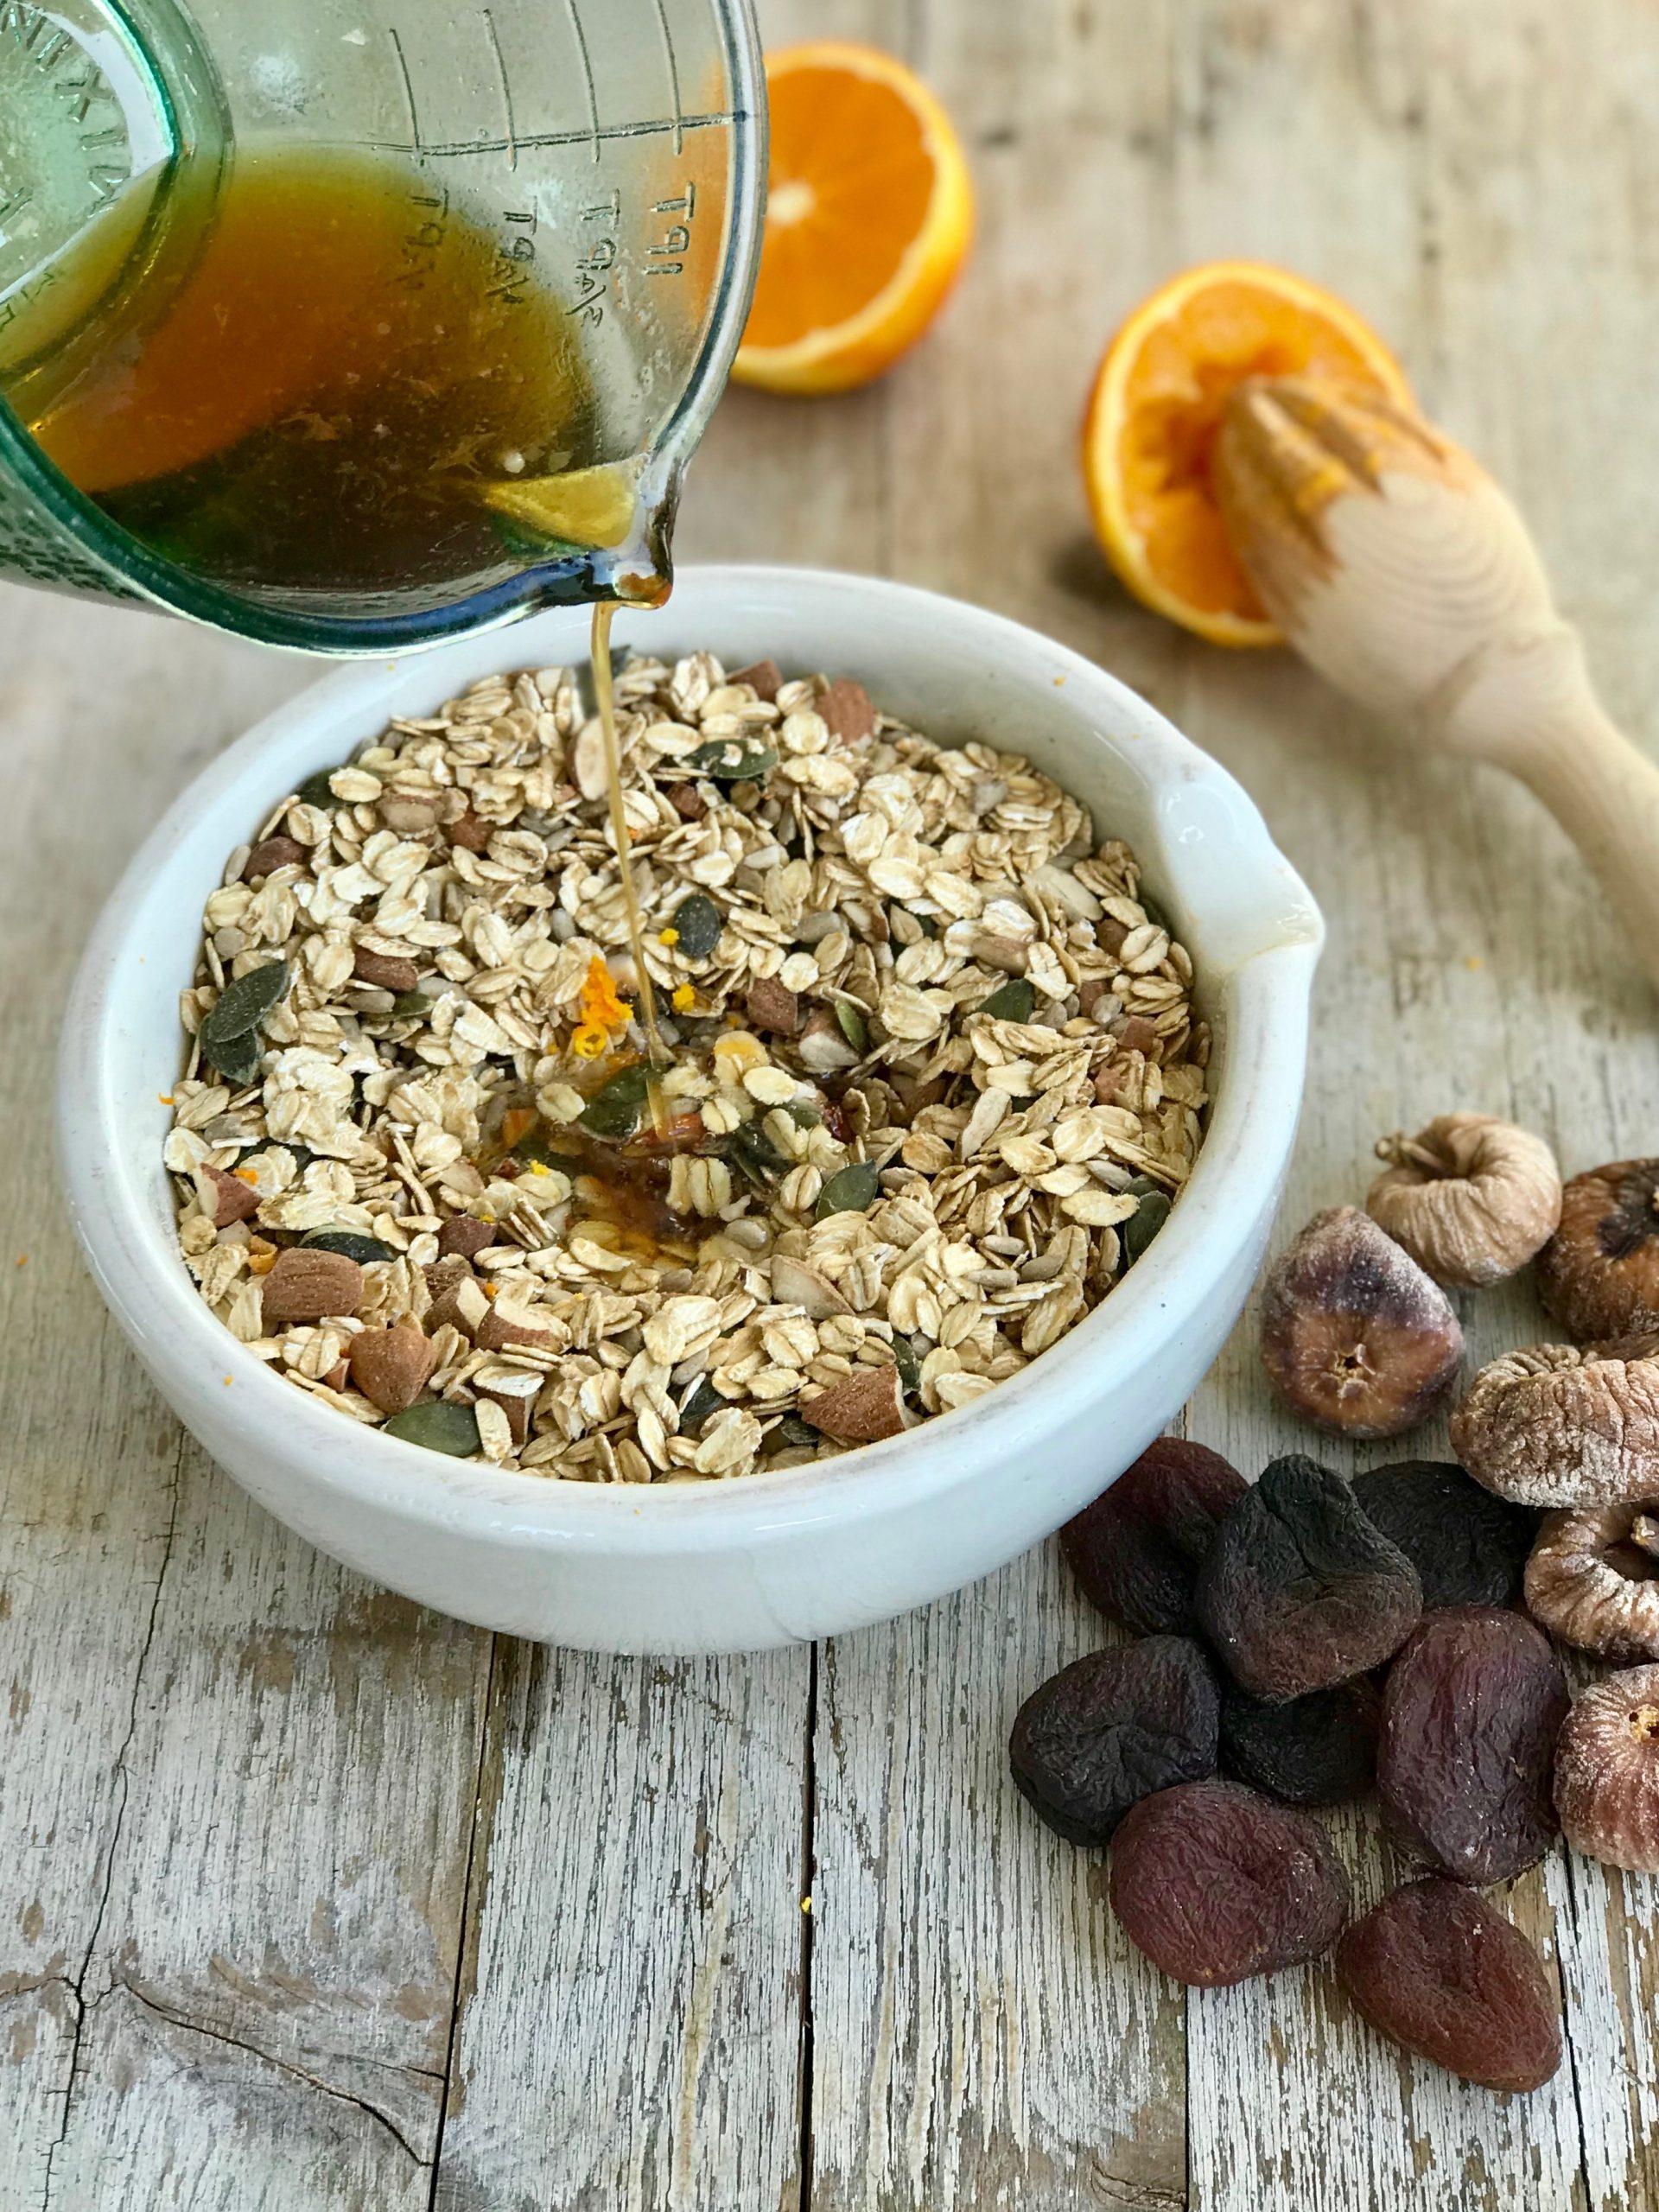 Home_made_granola_recipe.jpg